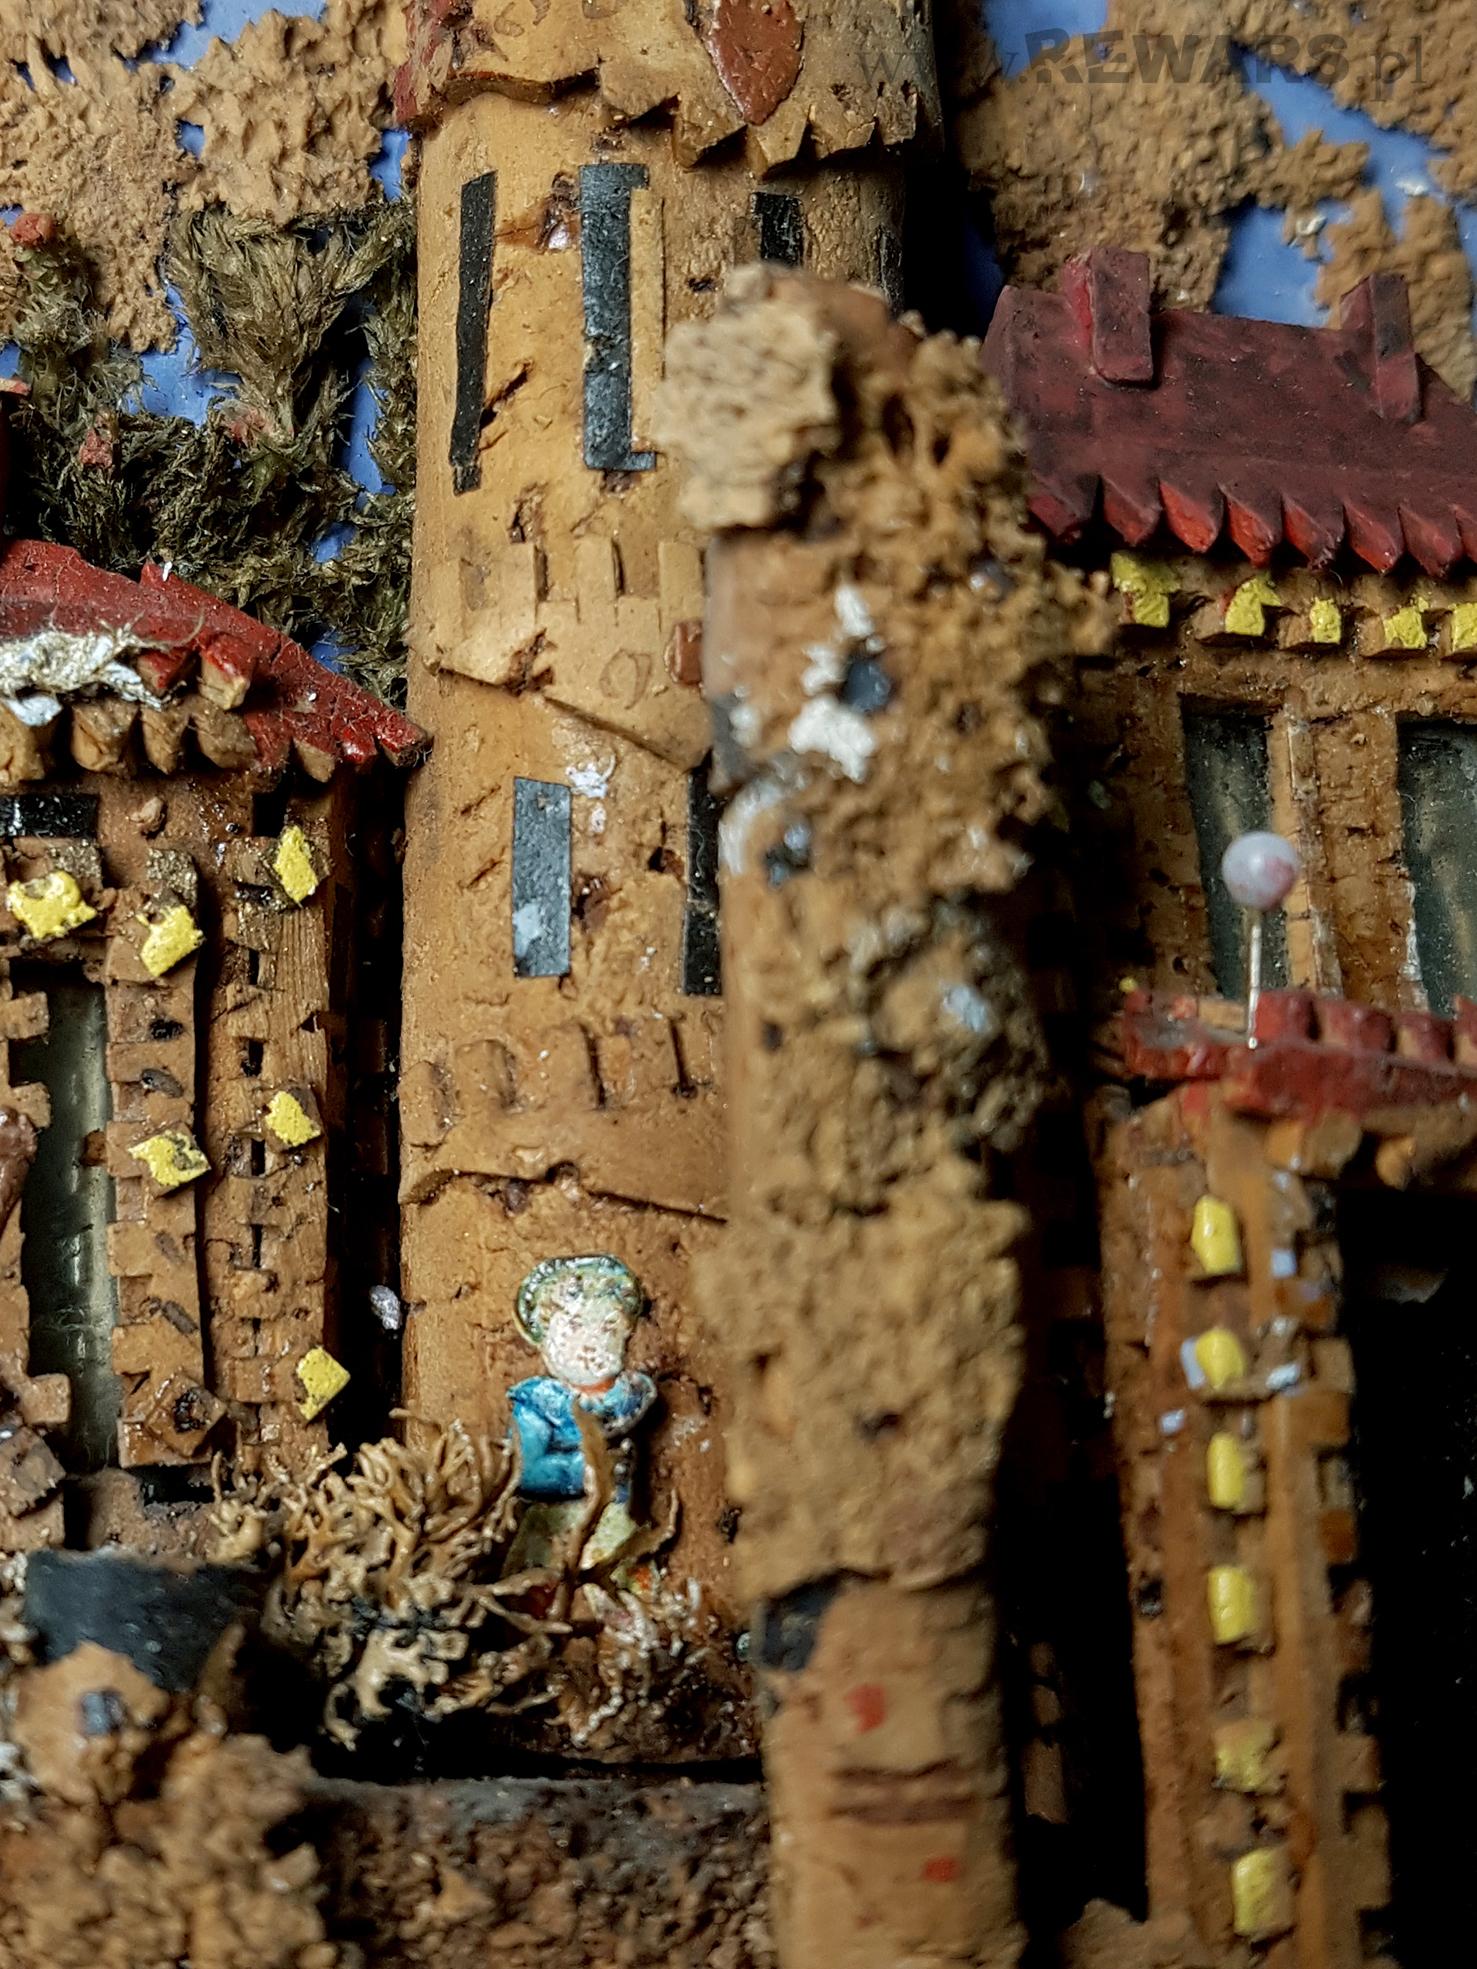 Widoczny fragment jedej wieży, wykonanej z kartonu w kolorze zółtym. Przed wieżą, schowany za krzaczkiem zrobionym z suszonego mchu, widoczny chłopiec w niebieskiej bluzce.